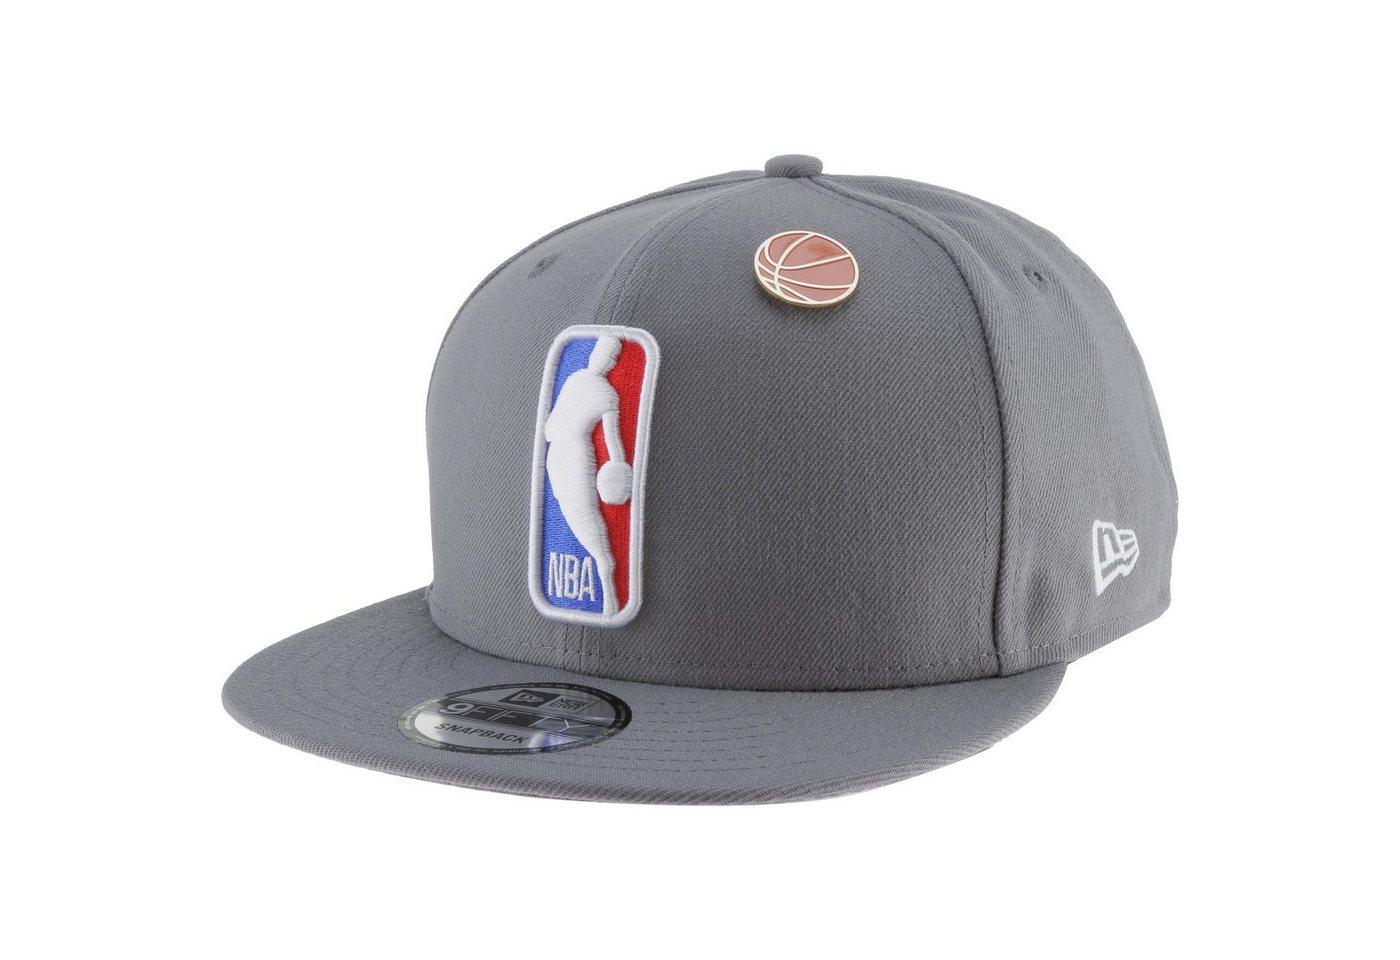 New Era Snapback Cap »9FIFTY NBA«   Accessoires > Caps > Snapback Caps   Grau   New Era